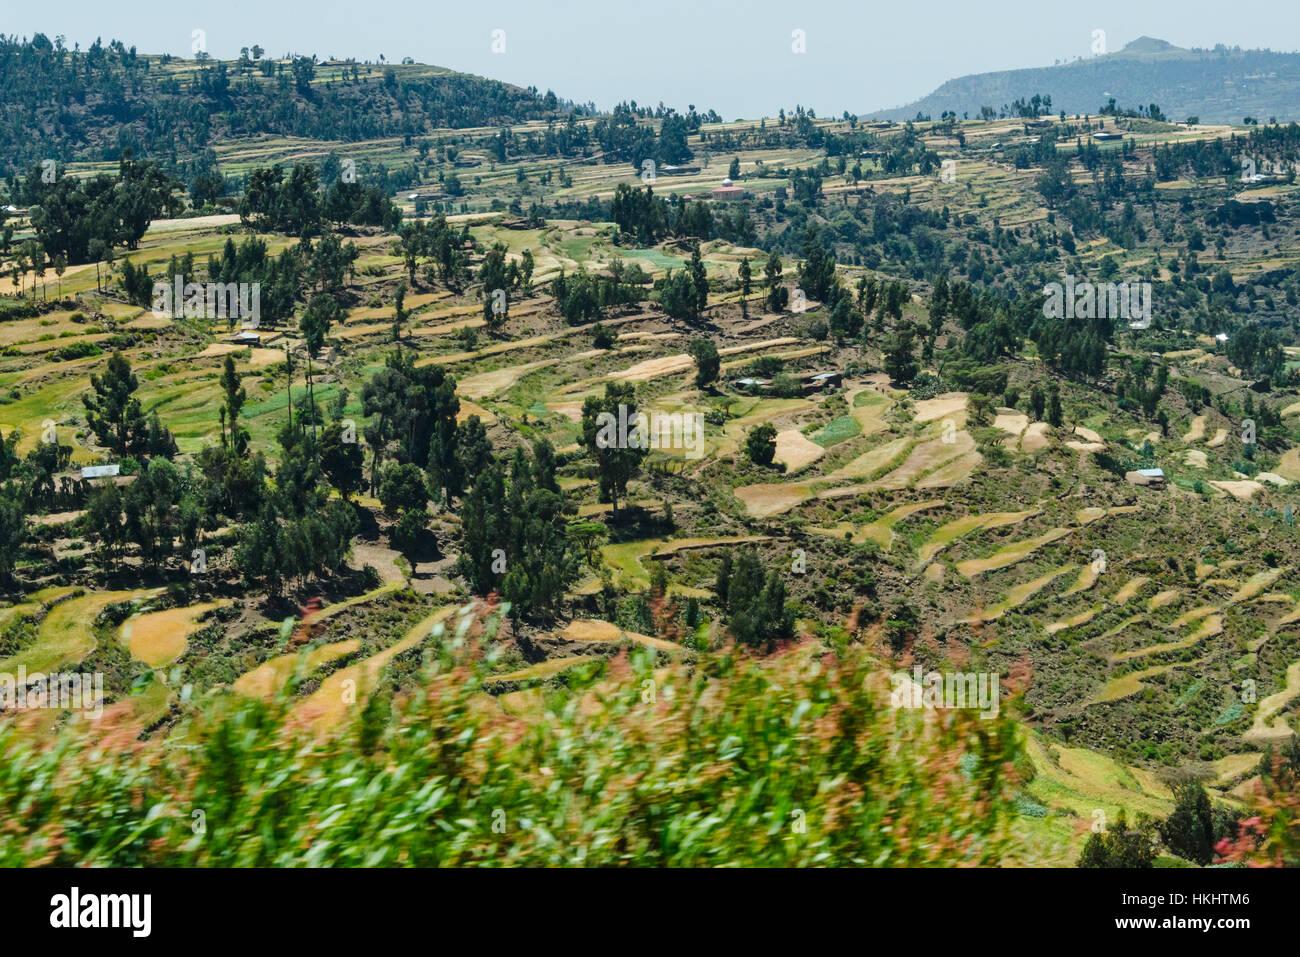 Cultivo En Terrazas En La Montaña En La Región De Tigray